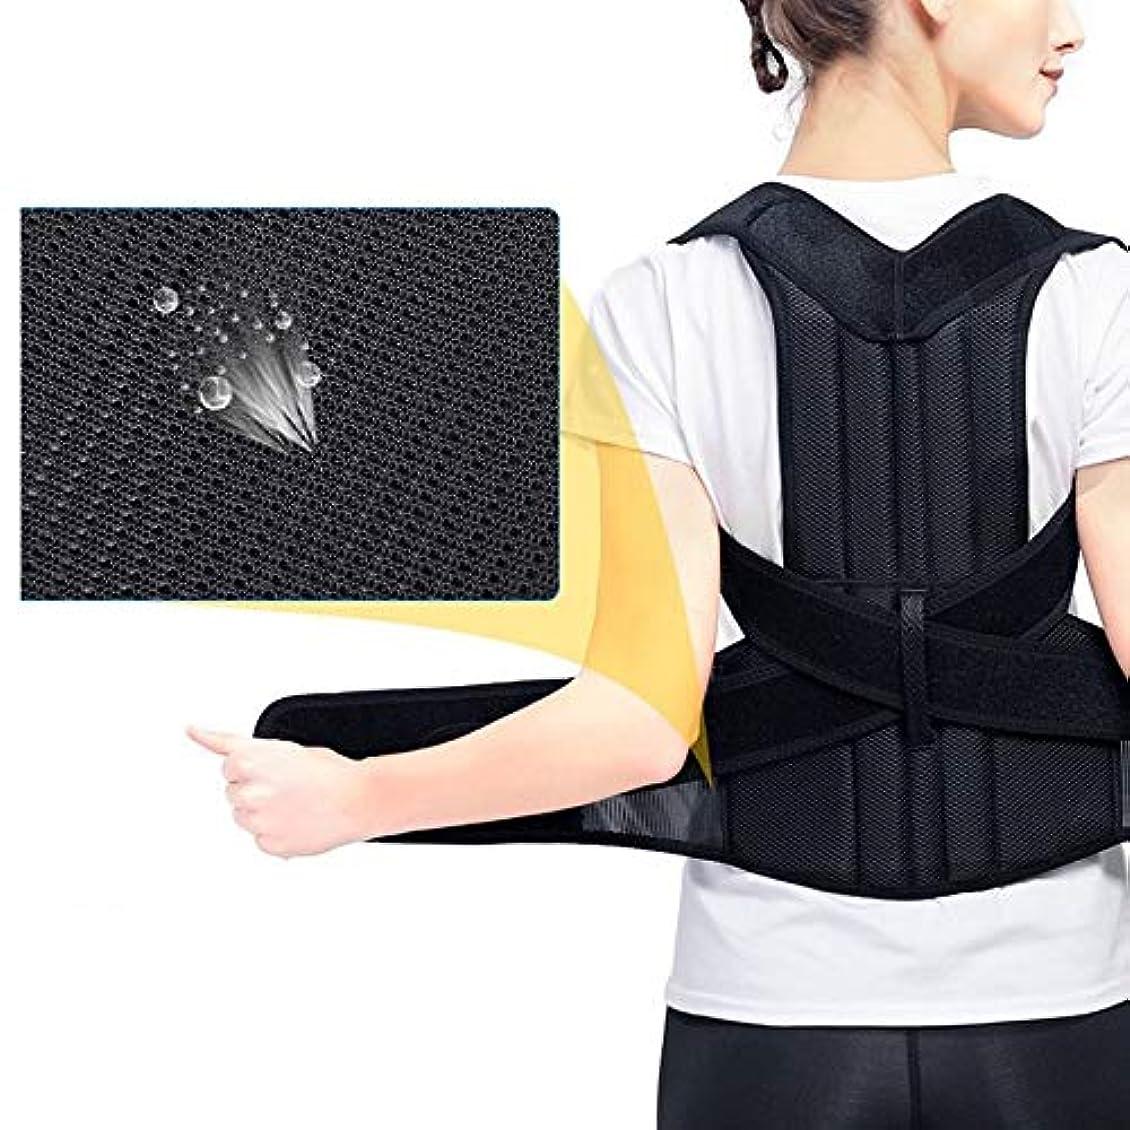 信号皮前部腰椎矯正バックブレース背骨装具側弯症腰椎サポート脊椎湾曲装具固定用姿勢 - 黒